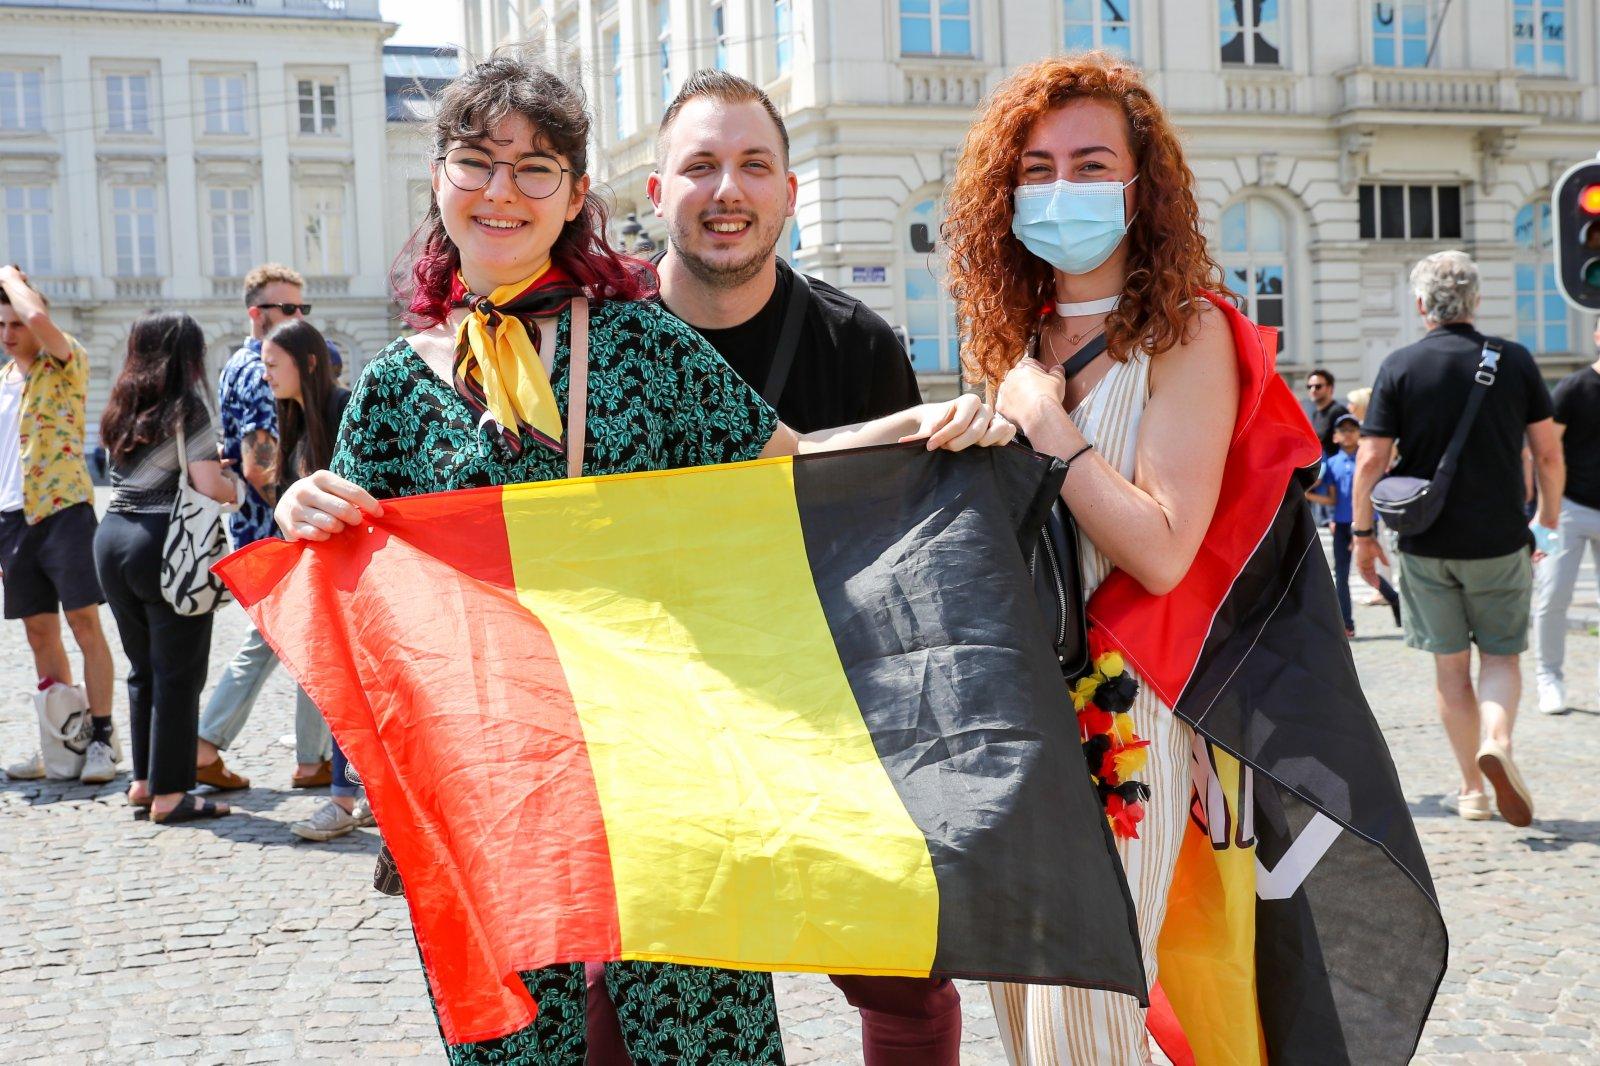 7月21日,人們手持比利時國旗在布魯塞爾慶祝國慶日。(新華社)